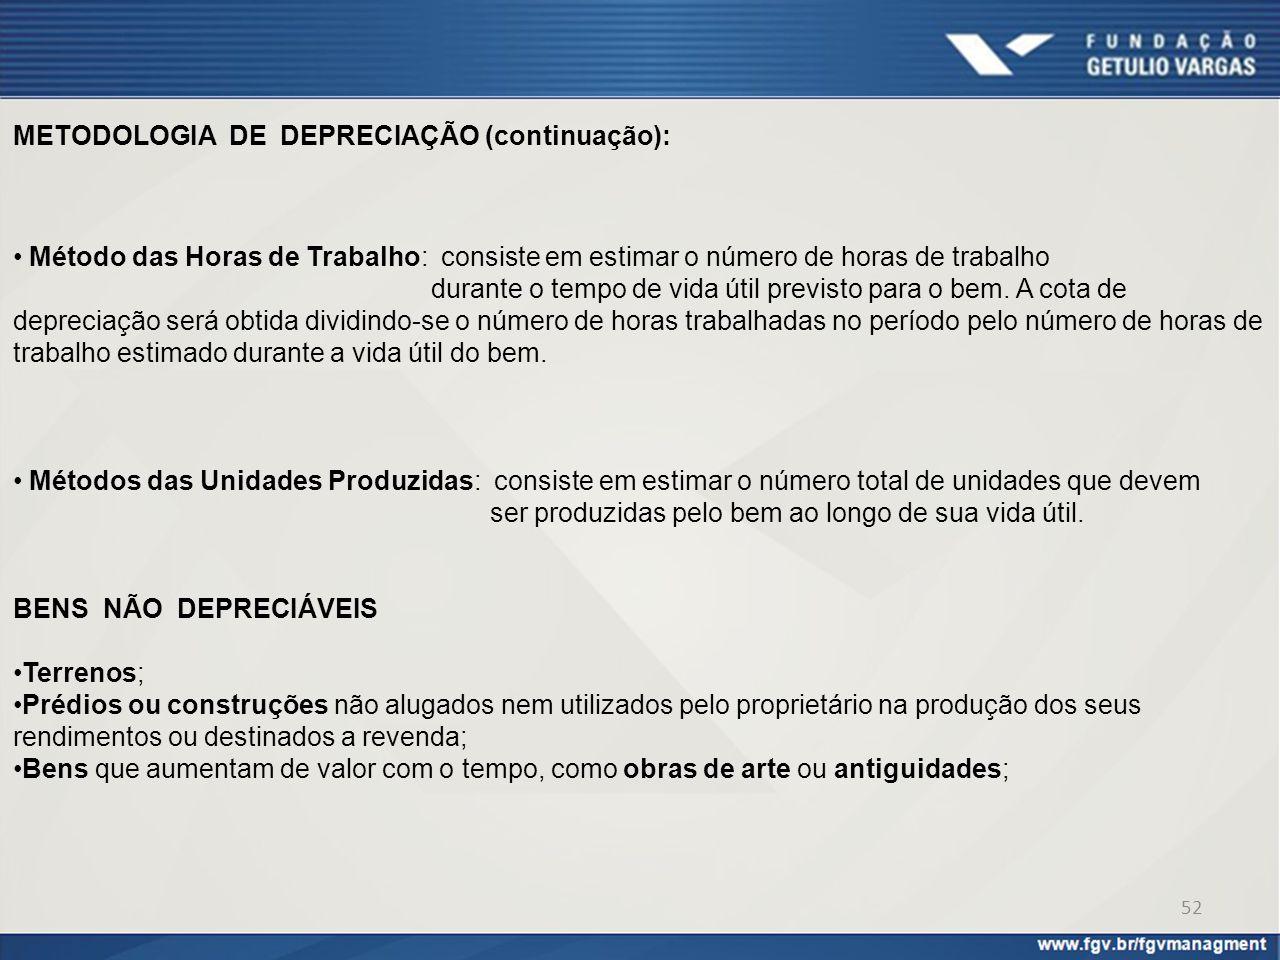 METODOLOGIA DE DEPRECIAÇÃO (continuação):